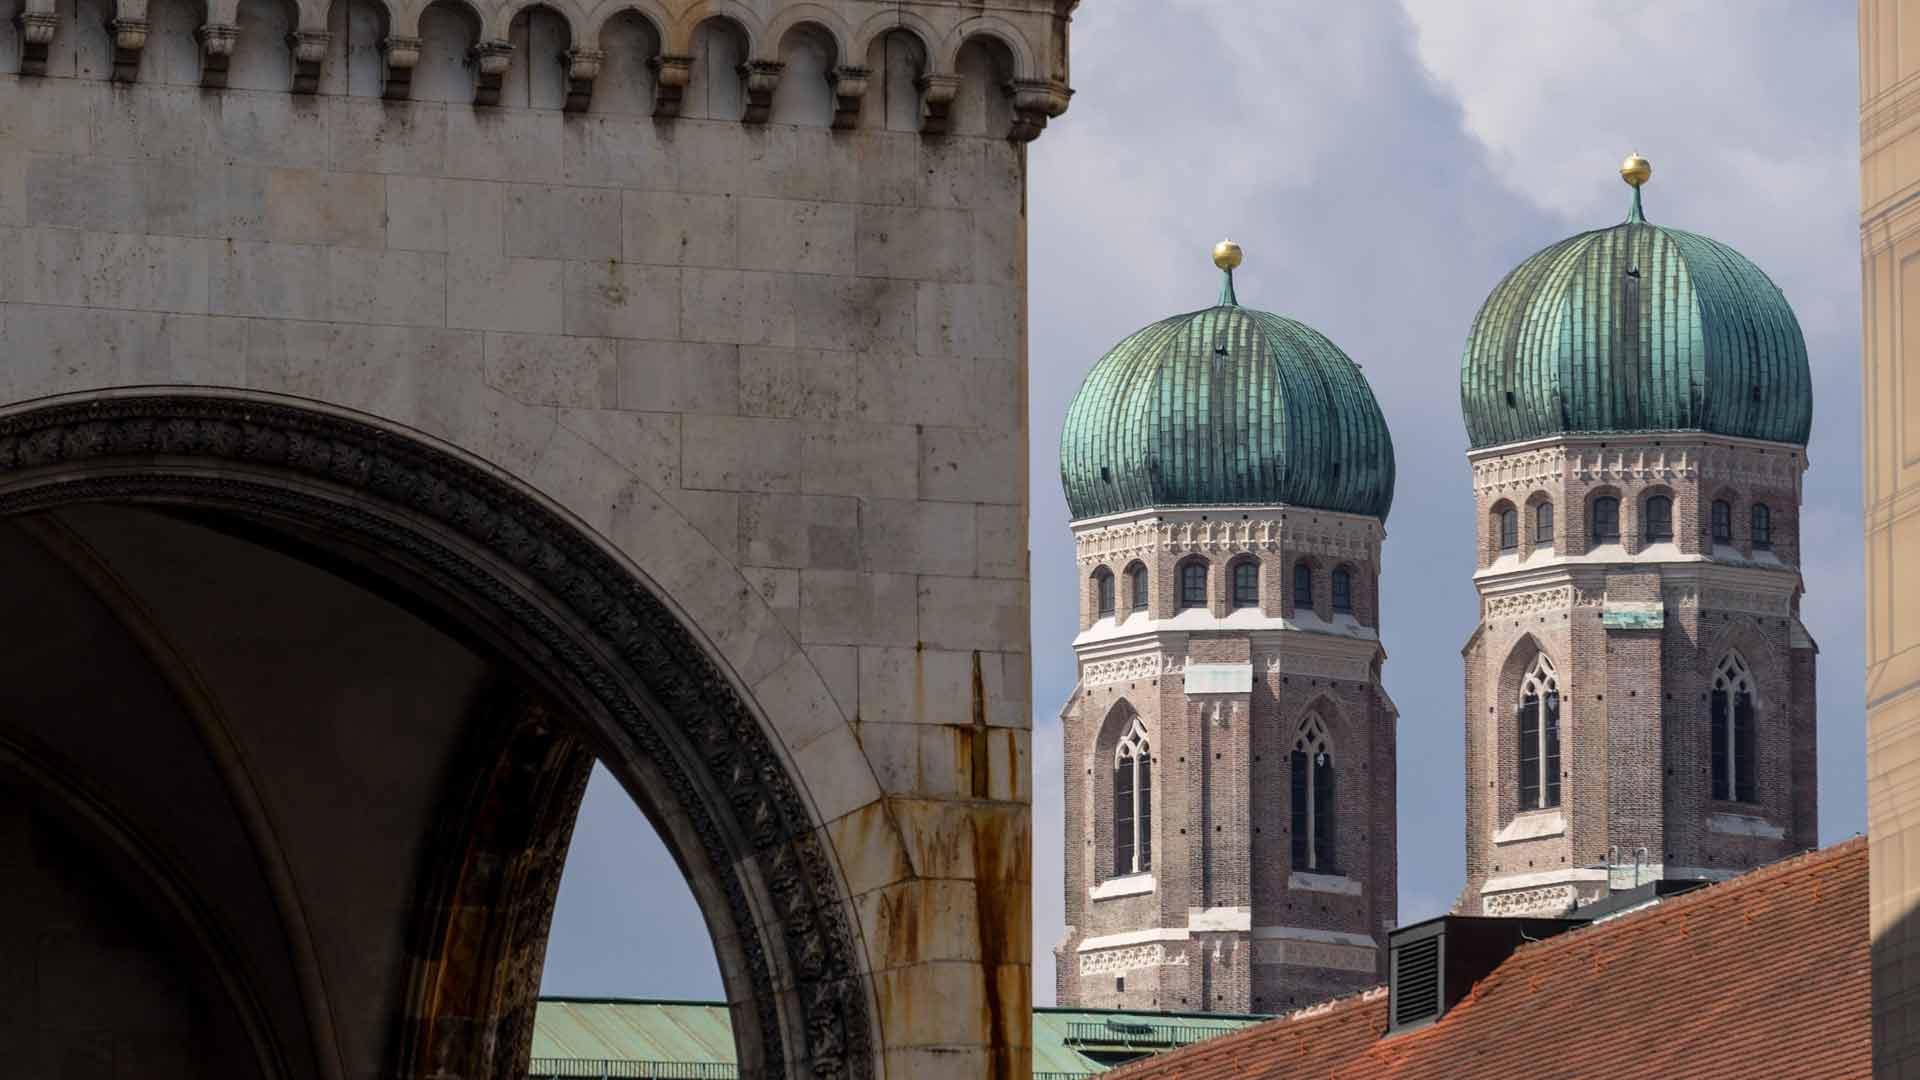 De karakteristieke toren van de Frauenkirche in München